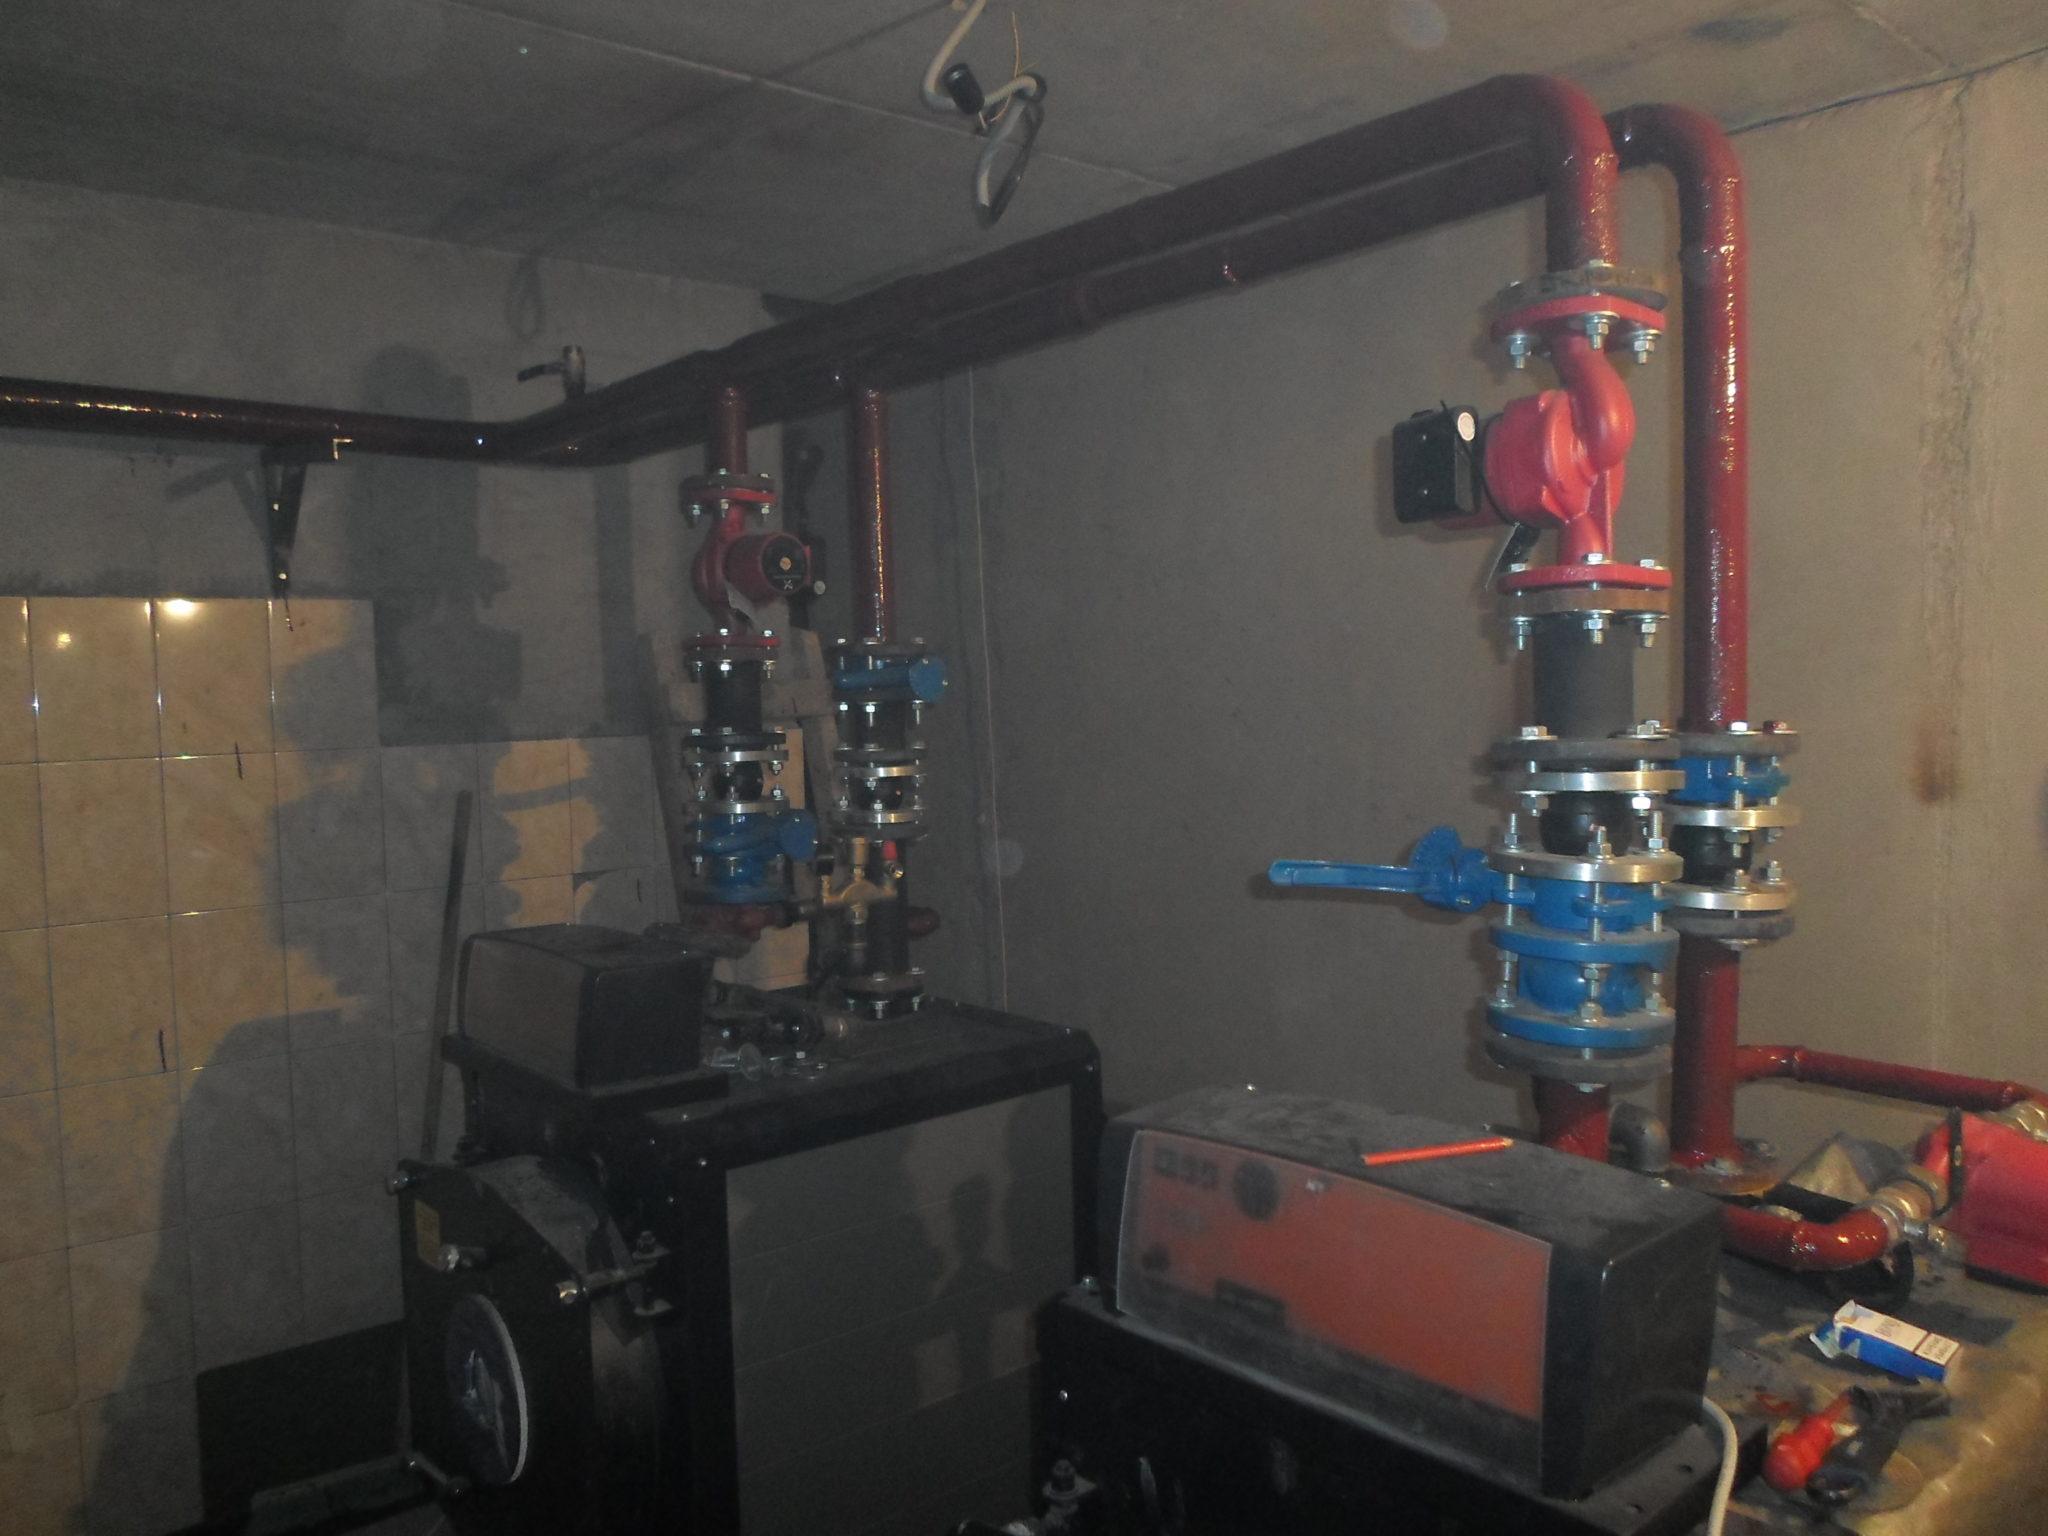 Mazout chauffage genappe renovation travaux antony brest le tampon entr - Prix renovation electrique au m2 ...